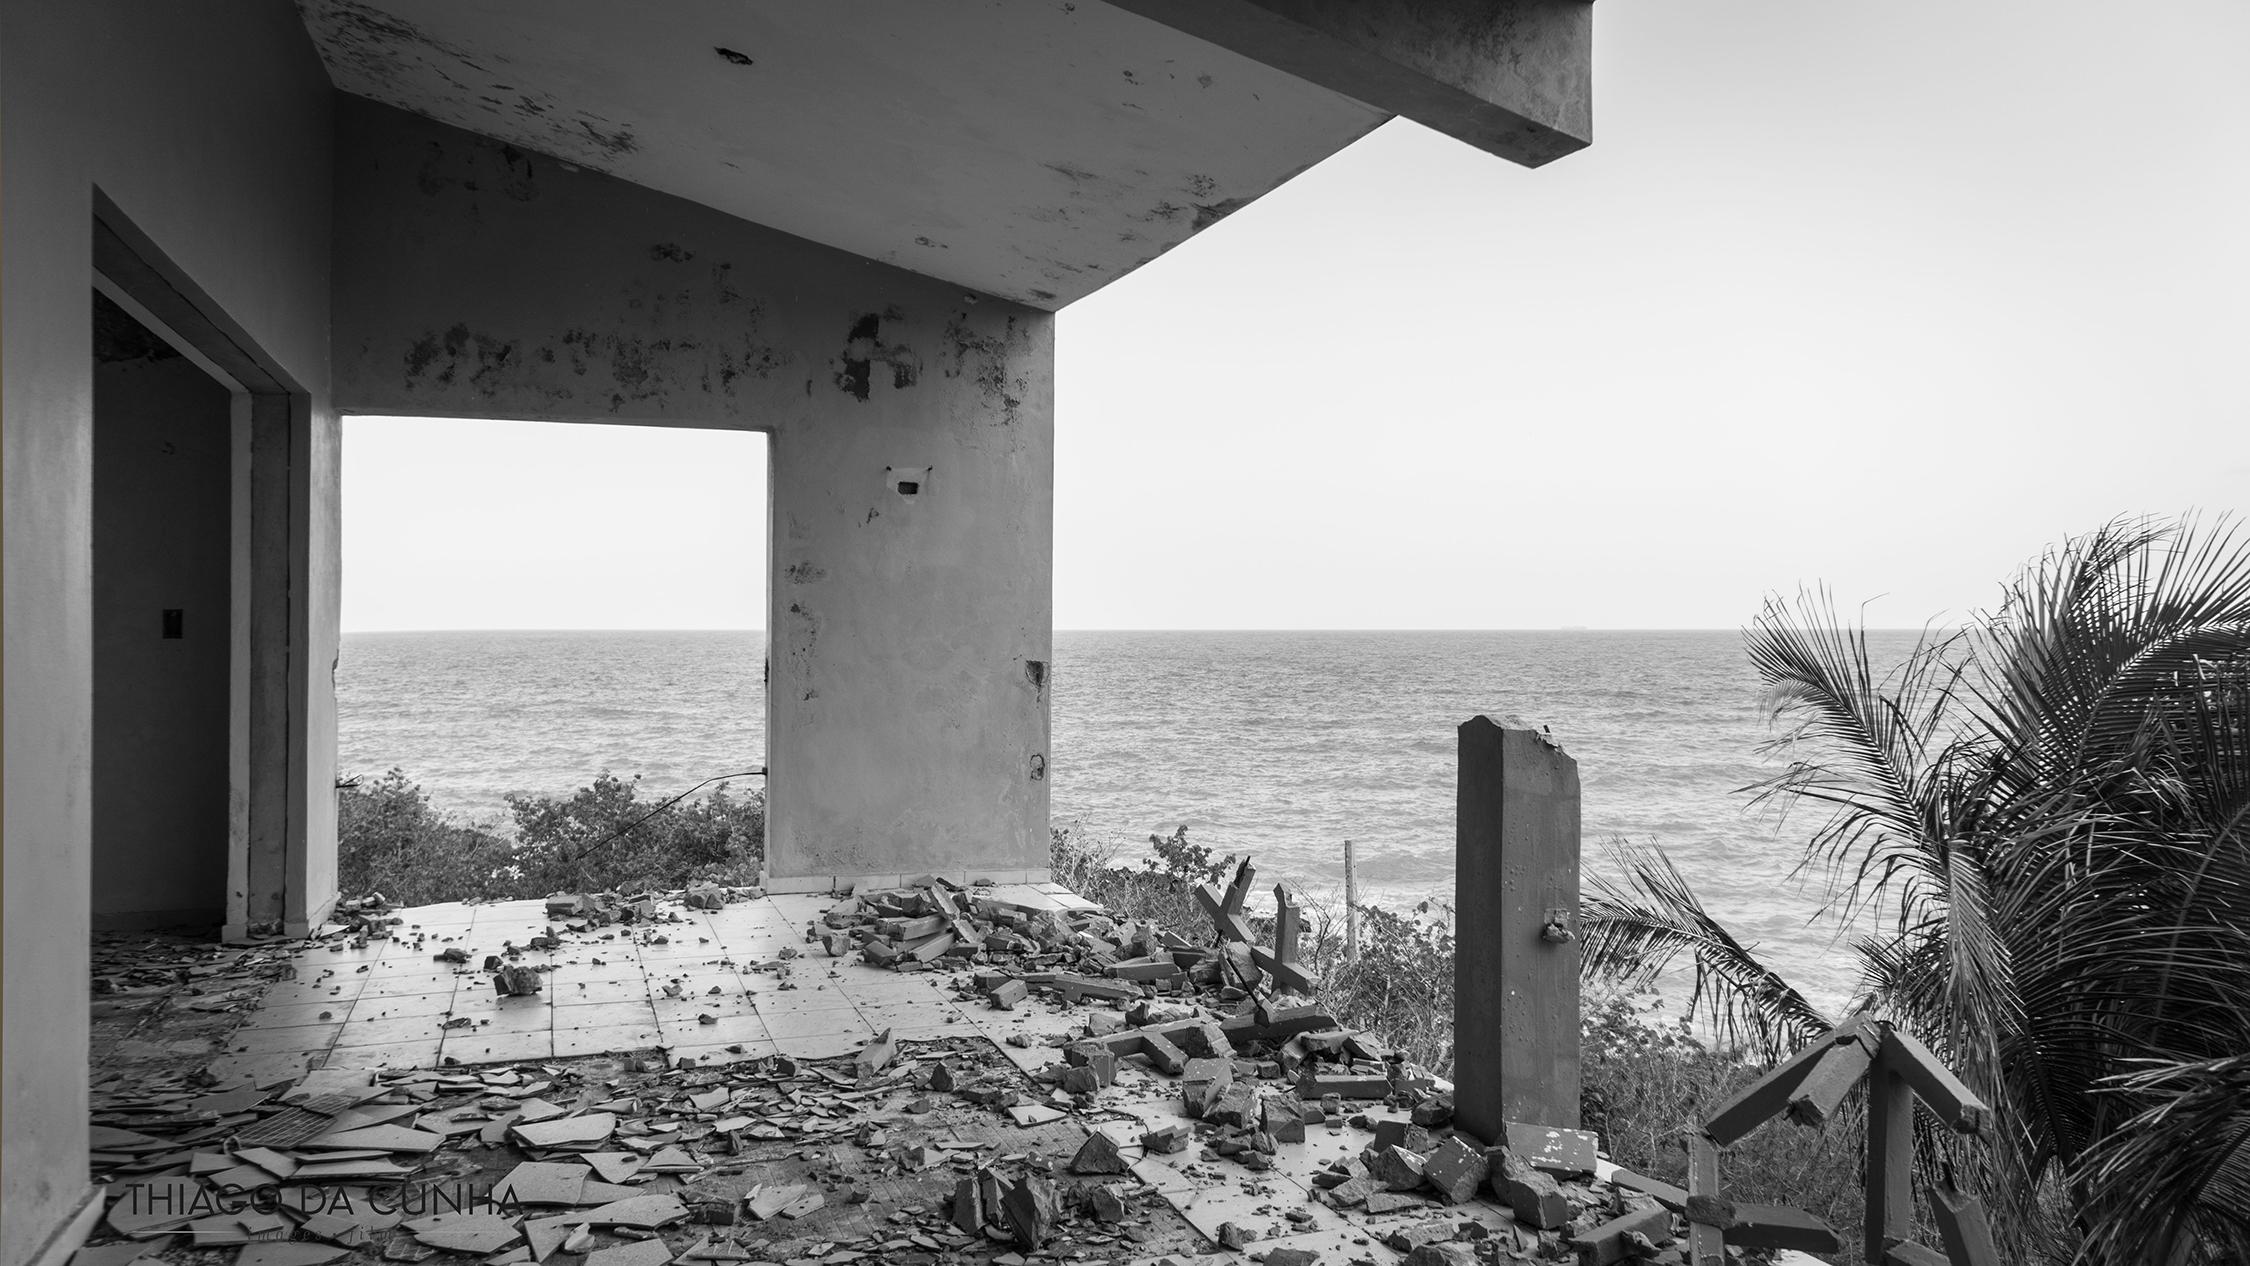 fotografo de resorts y hoteles en el caribe.jpg